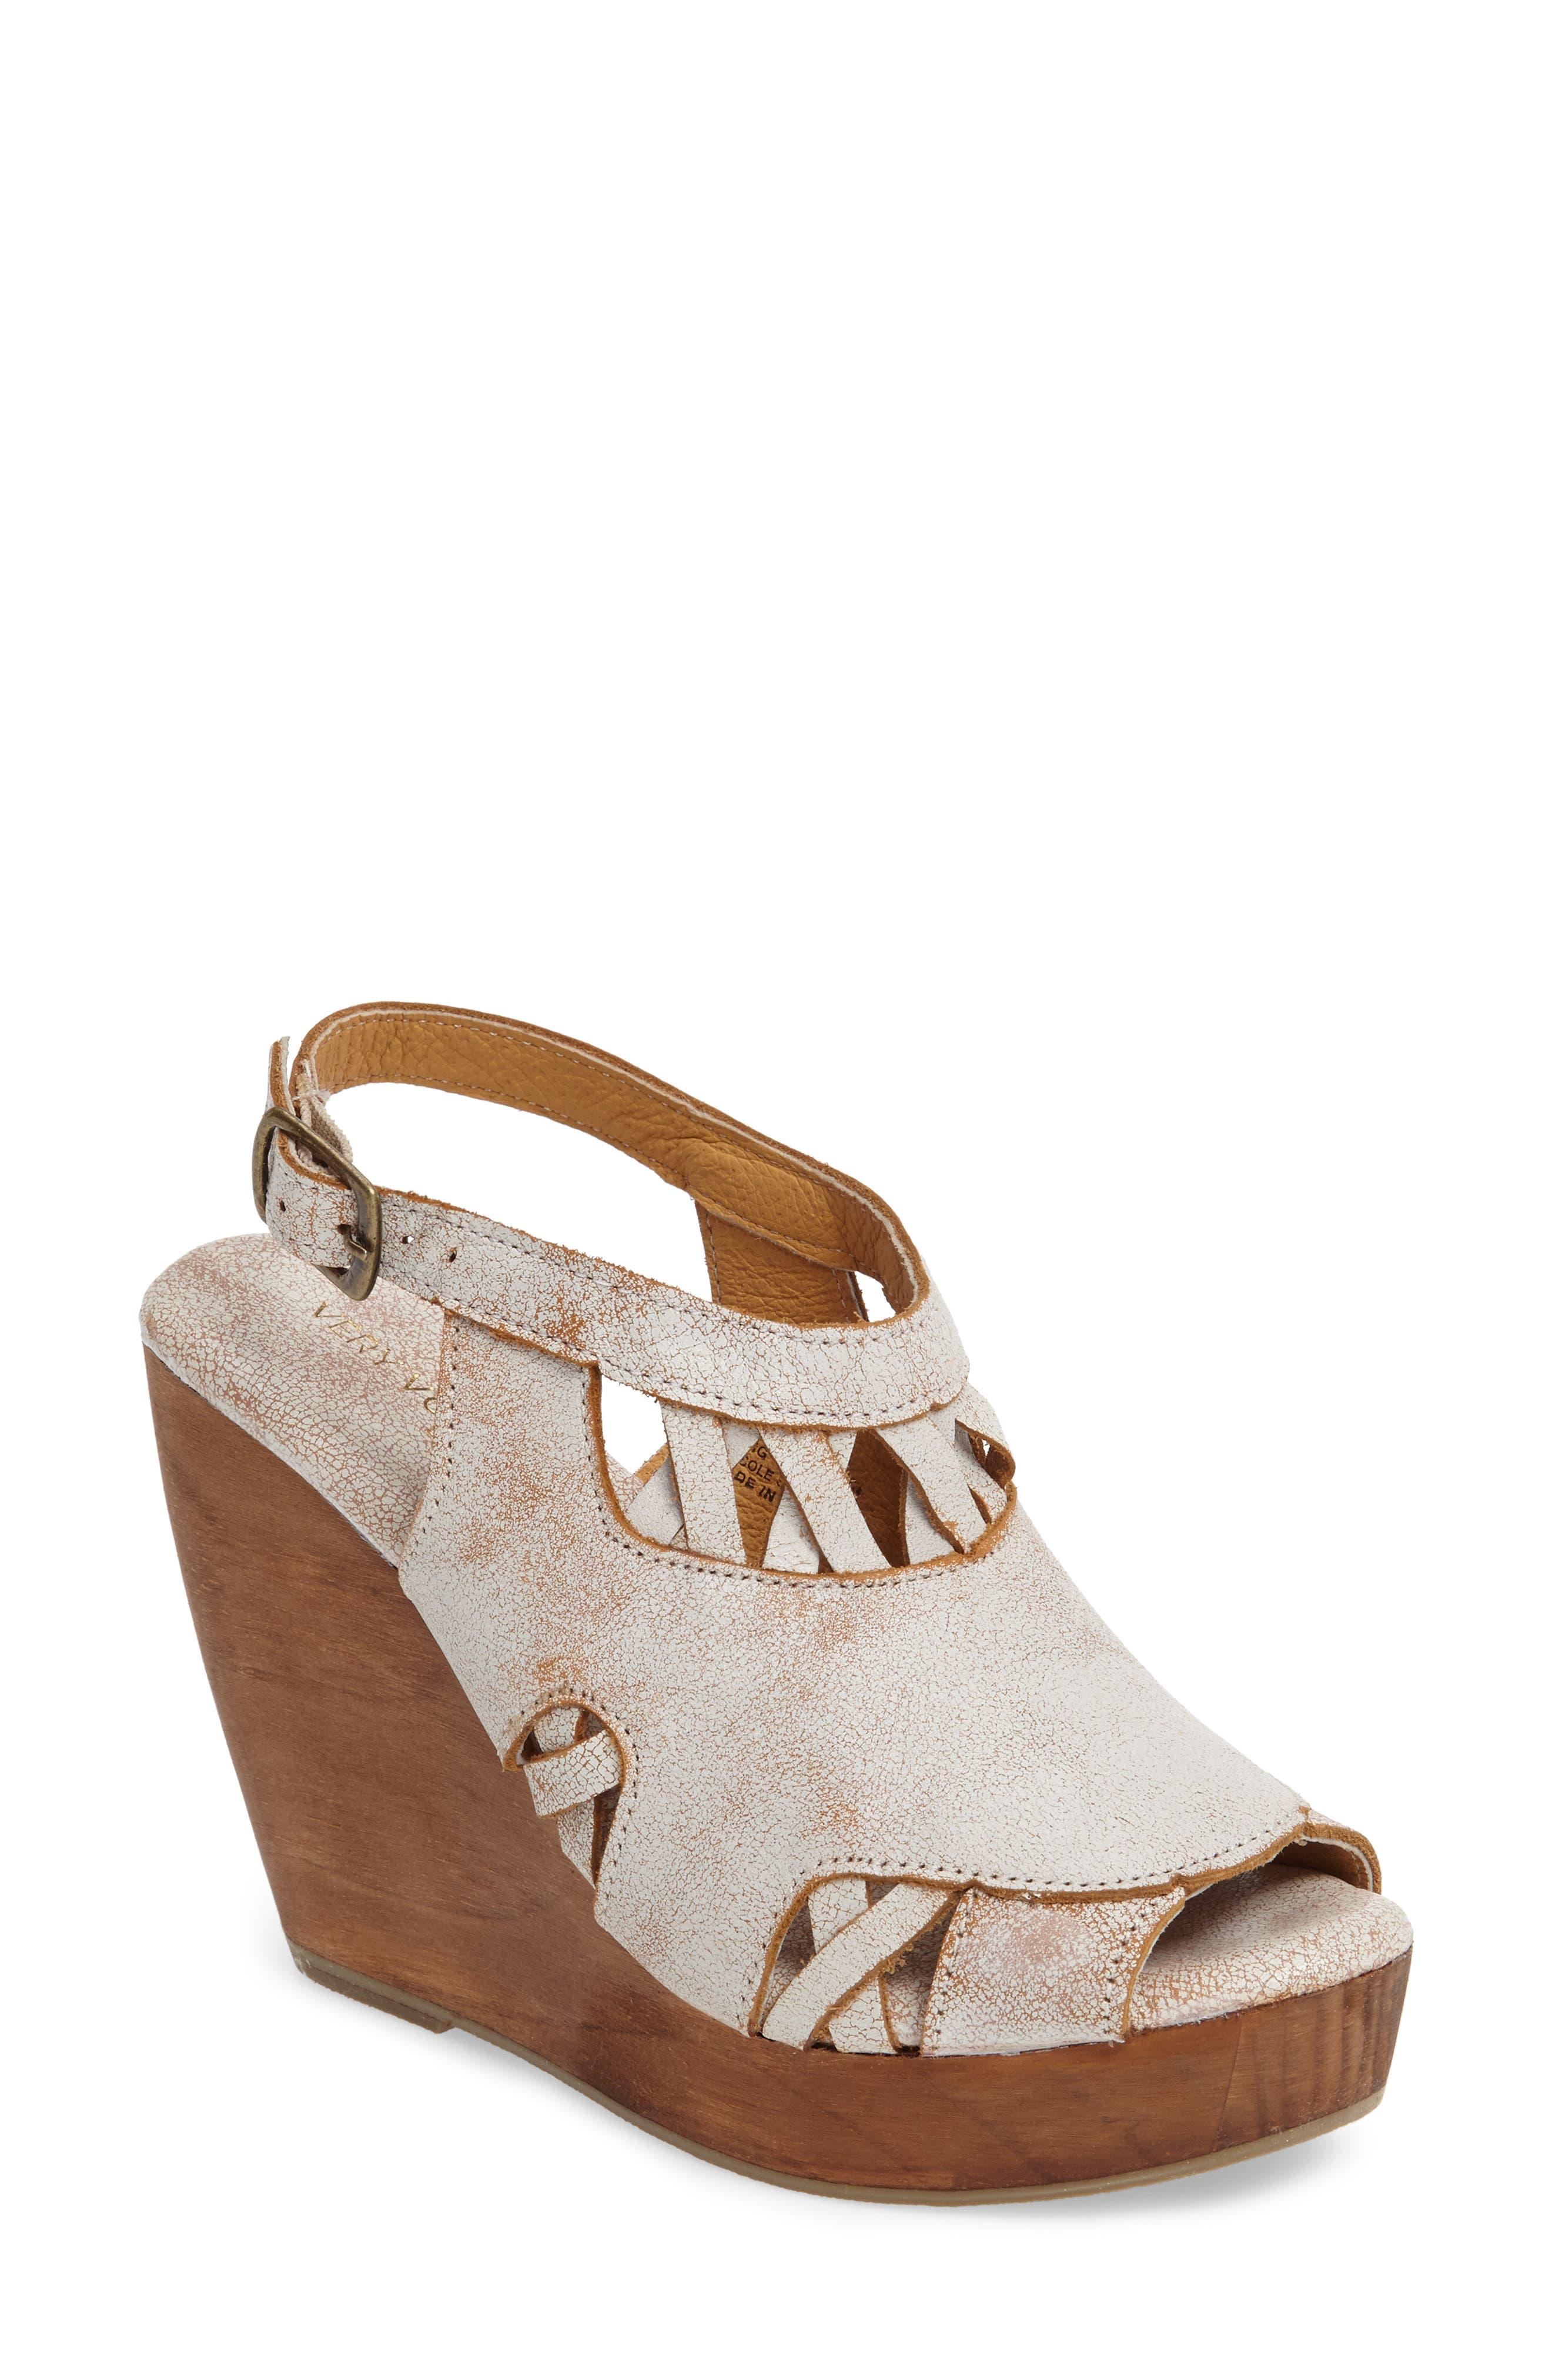 Sloane Platform Wedge Sandal,                             Main thumbnail 2, color,